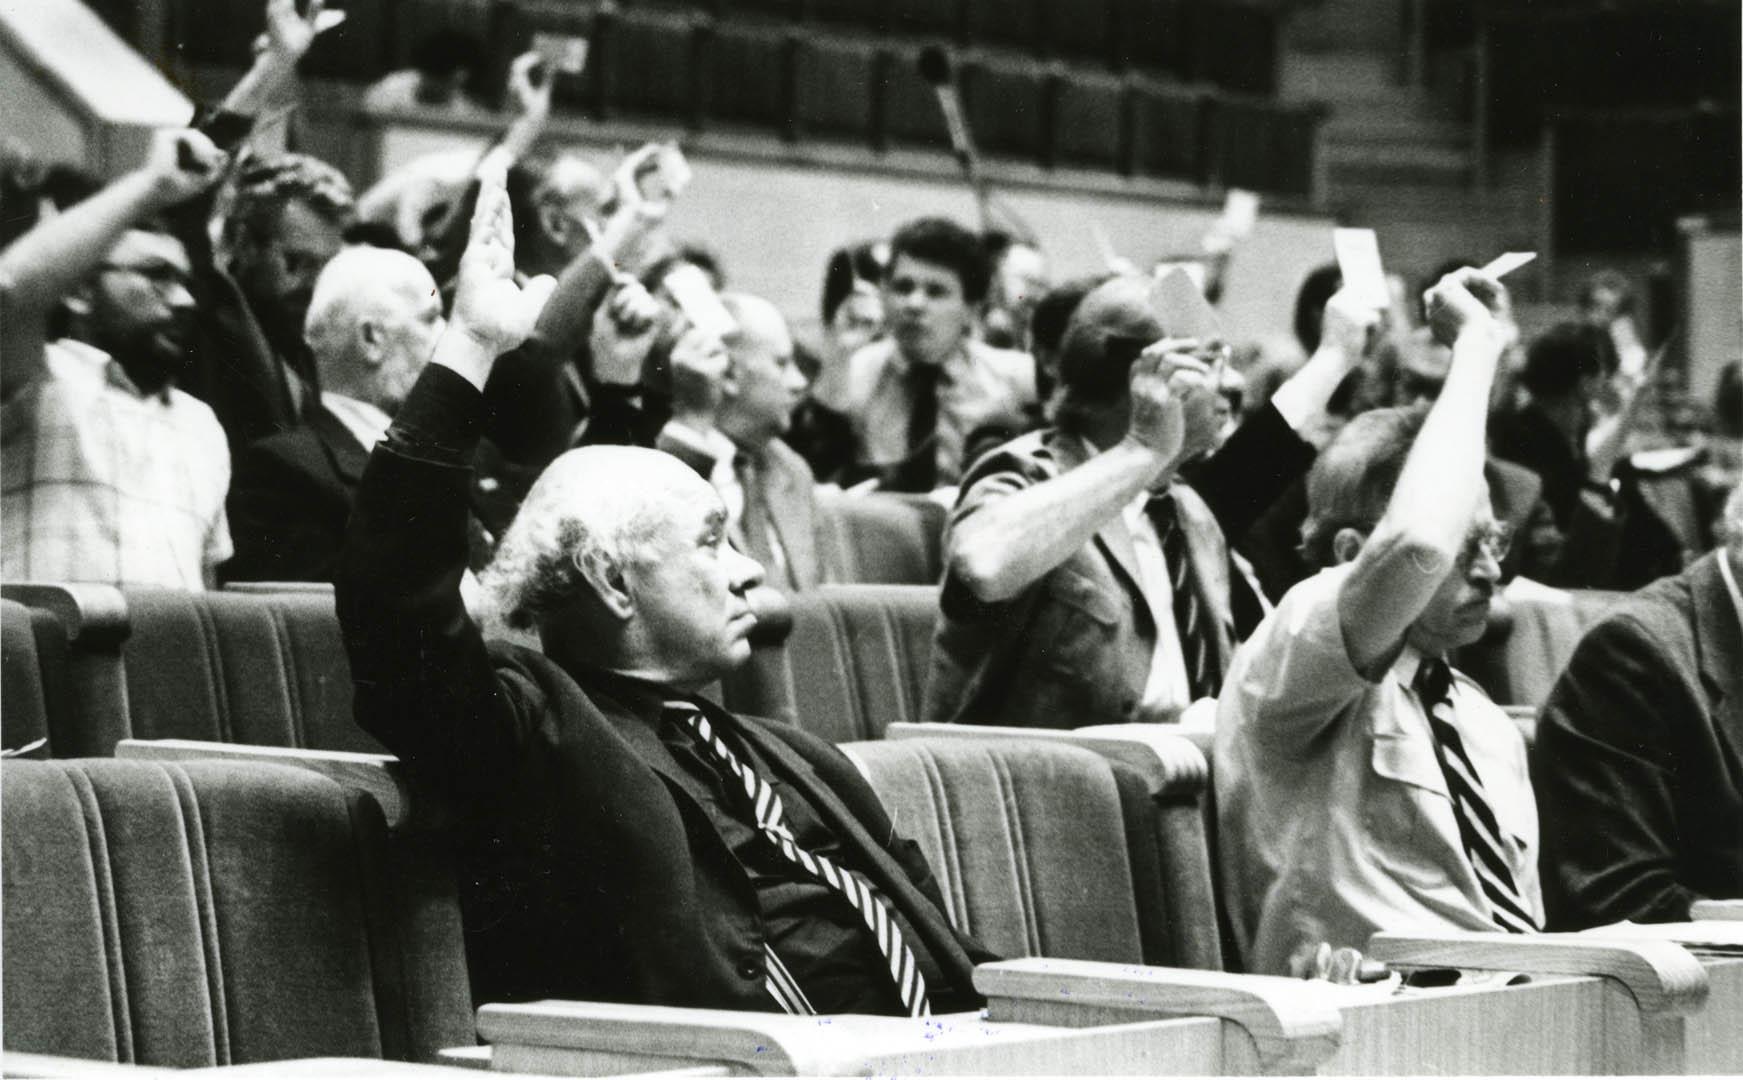 B. Genzelio asmeninio archyvo nuotrauka. 1990 m. Lietuvos Respublikos Aukščiausiosios Tarybos – Atkuriamojo Seimo posėdis.